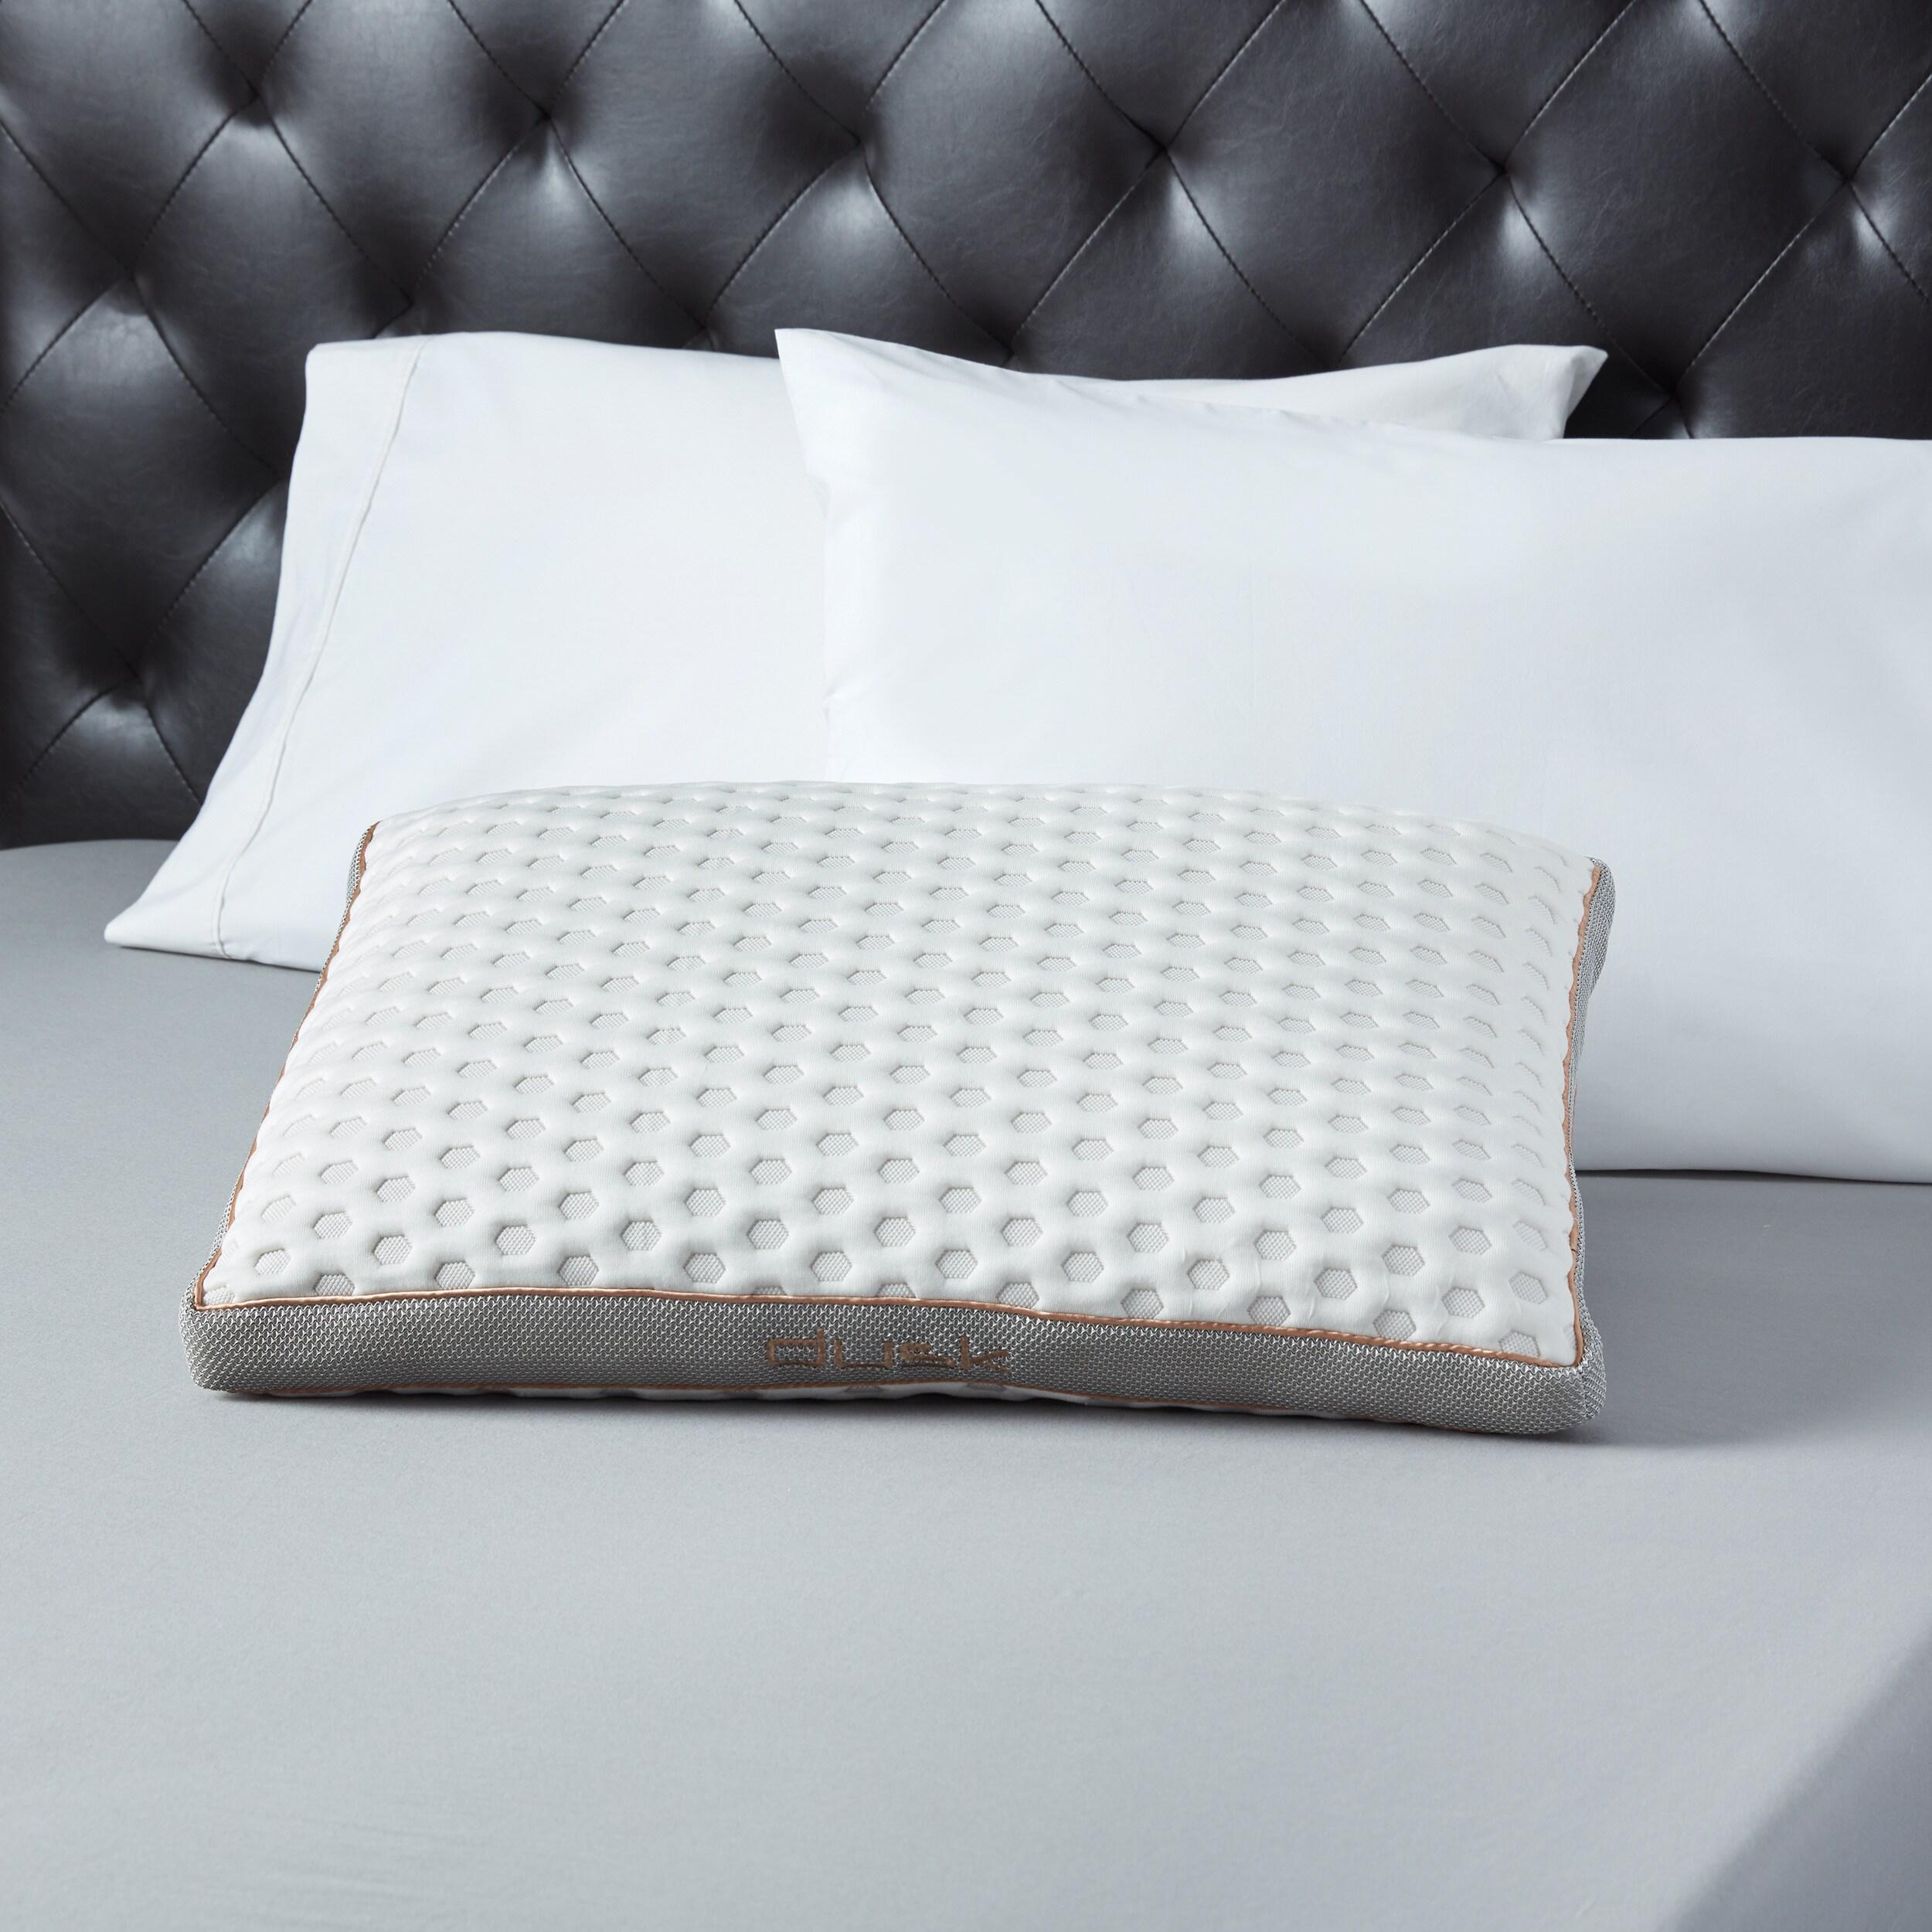 Bedgear Dusk Performance Hypoallergenic Latex Foam Pillow...